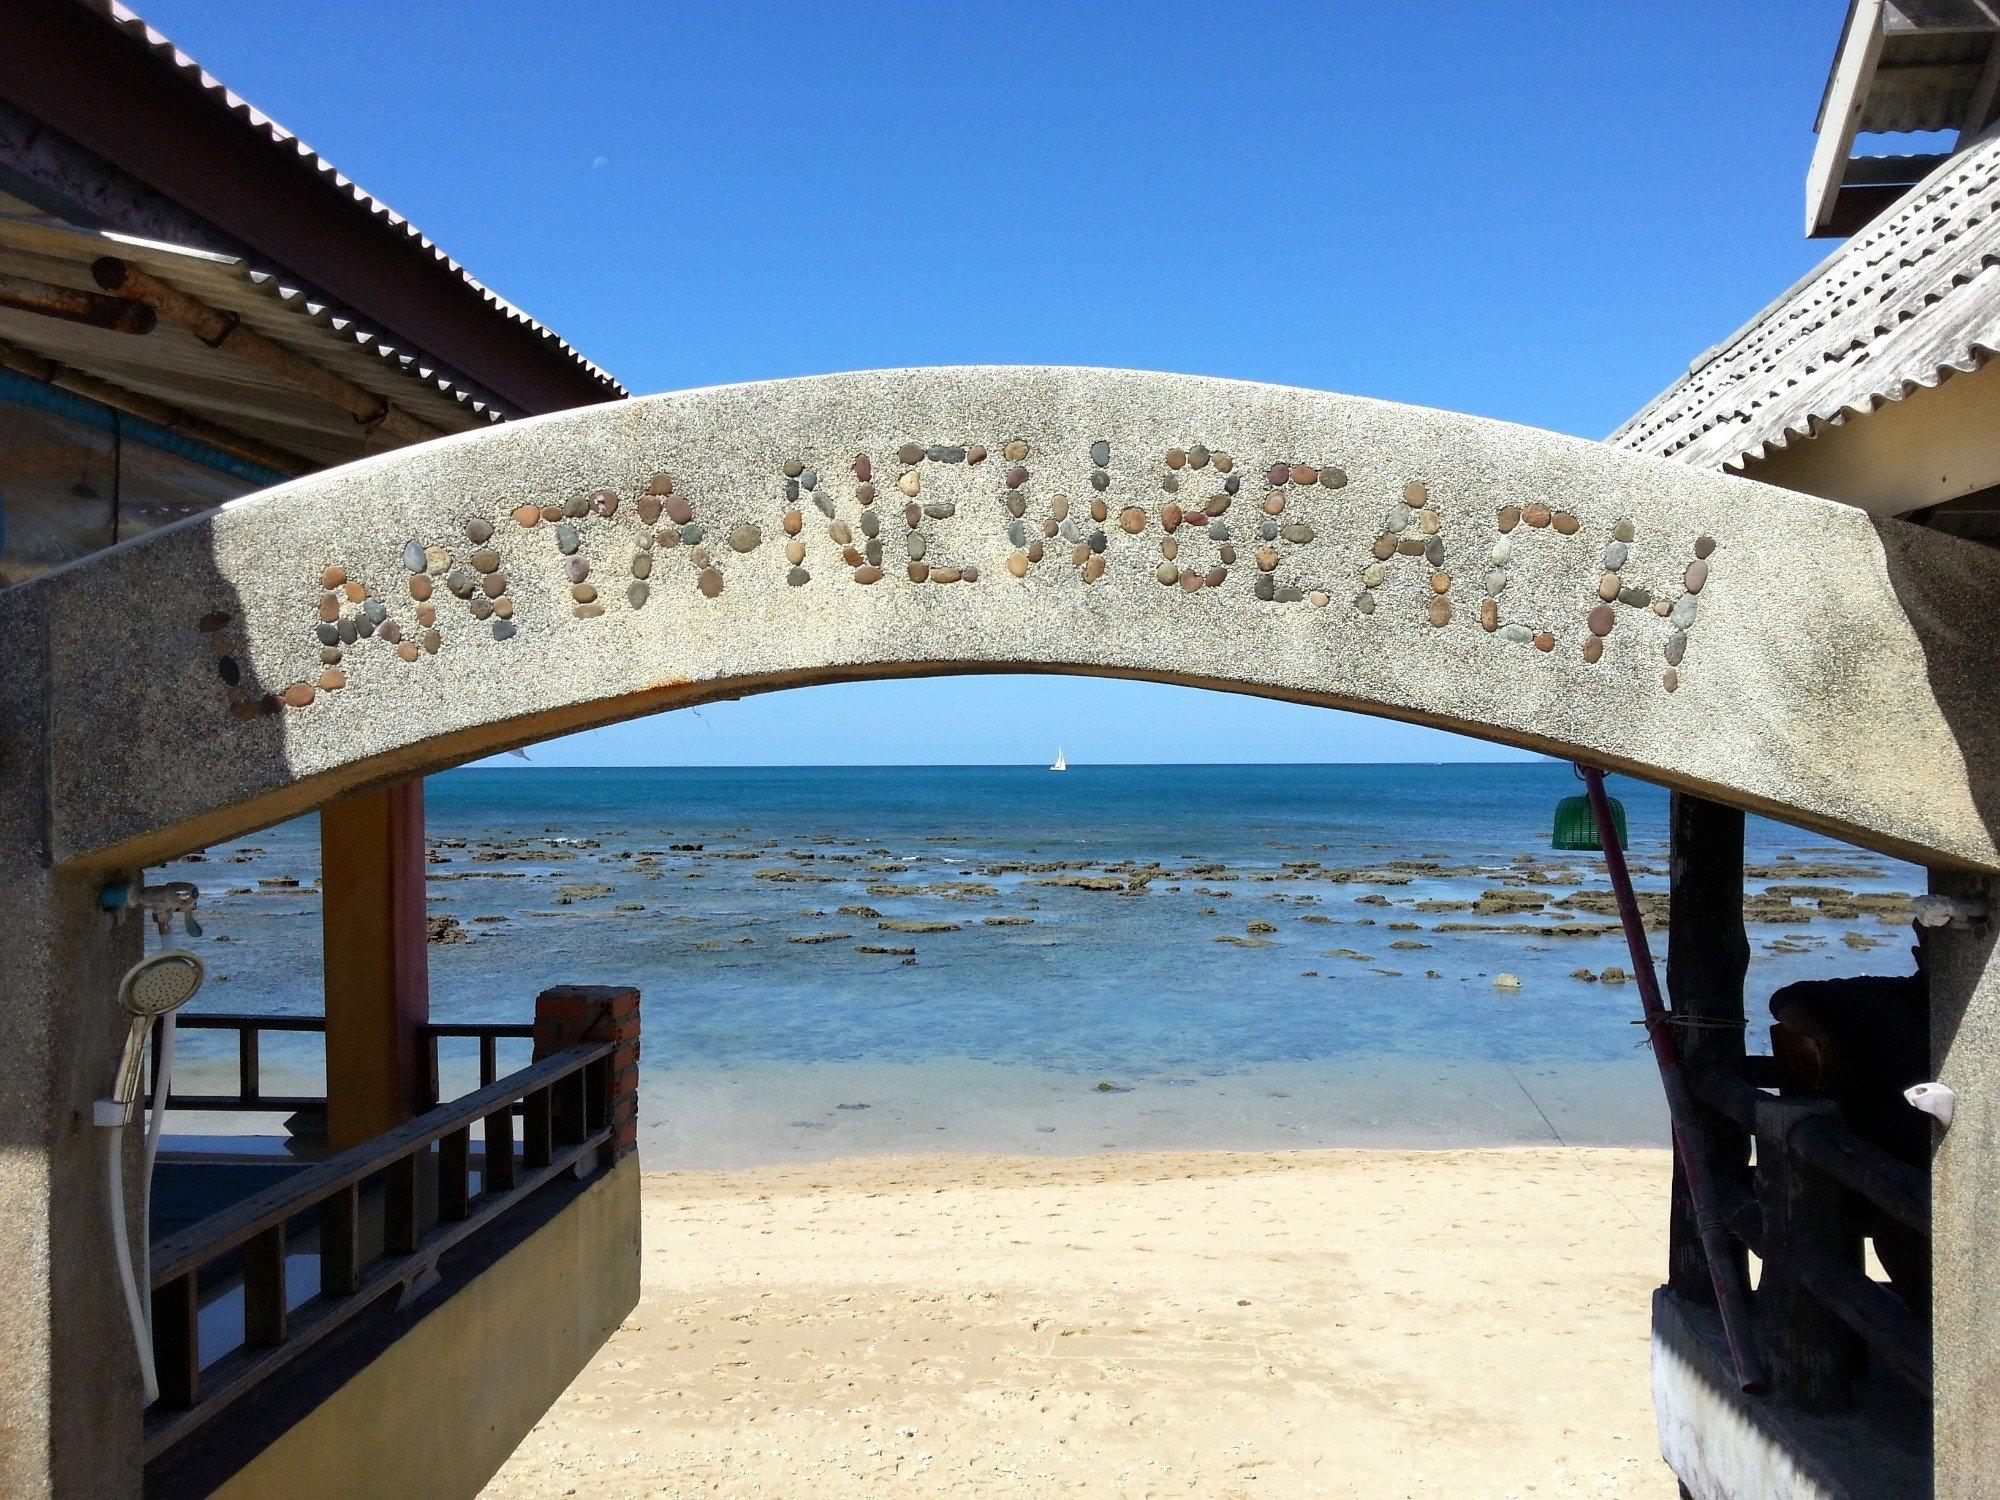 New Beach in Koh Lanta